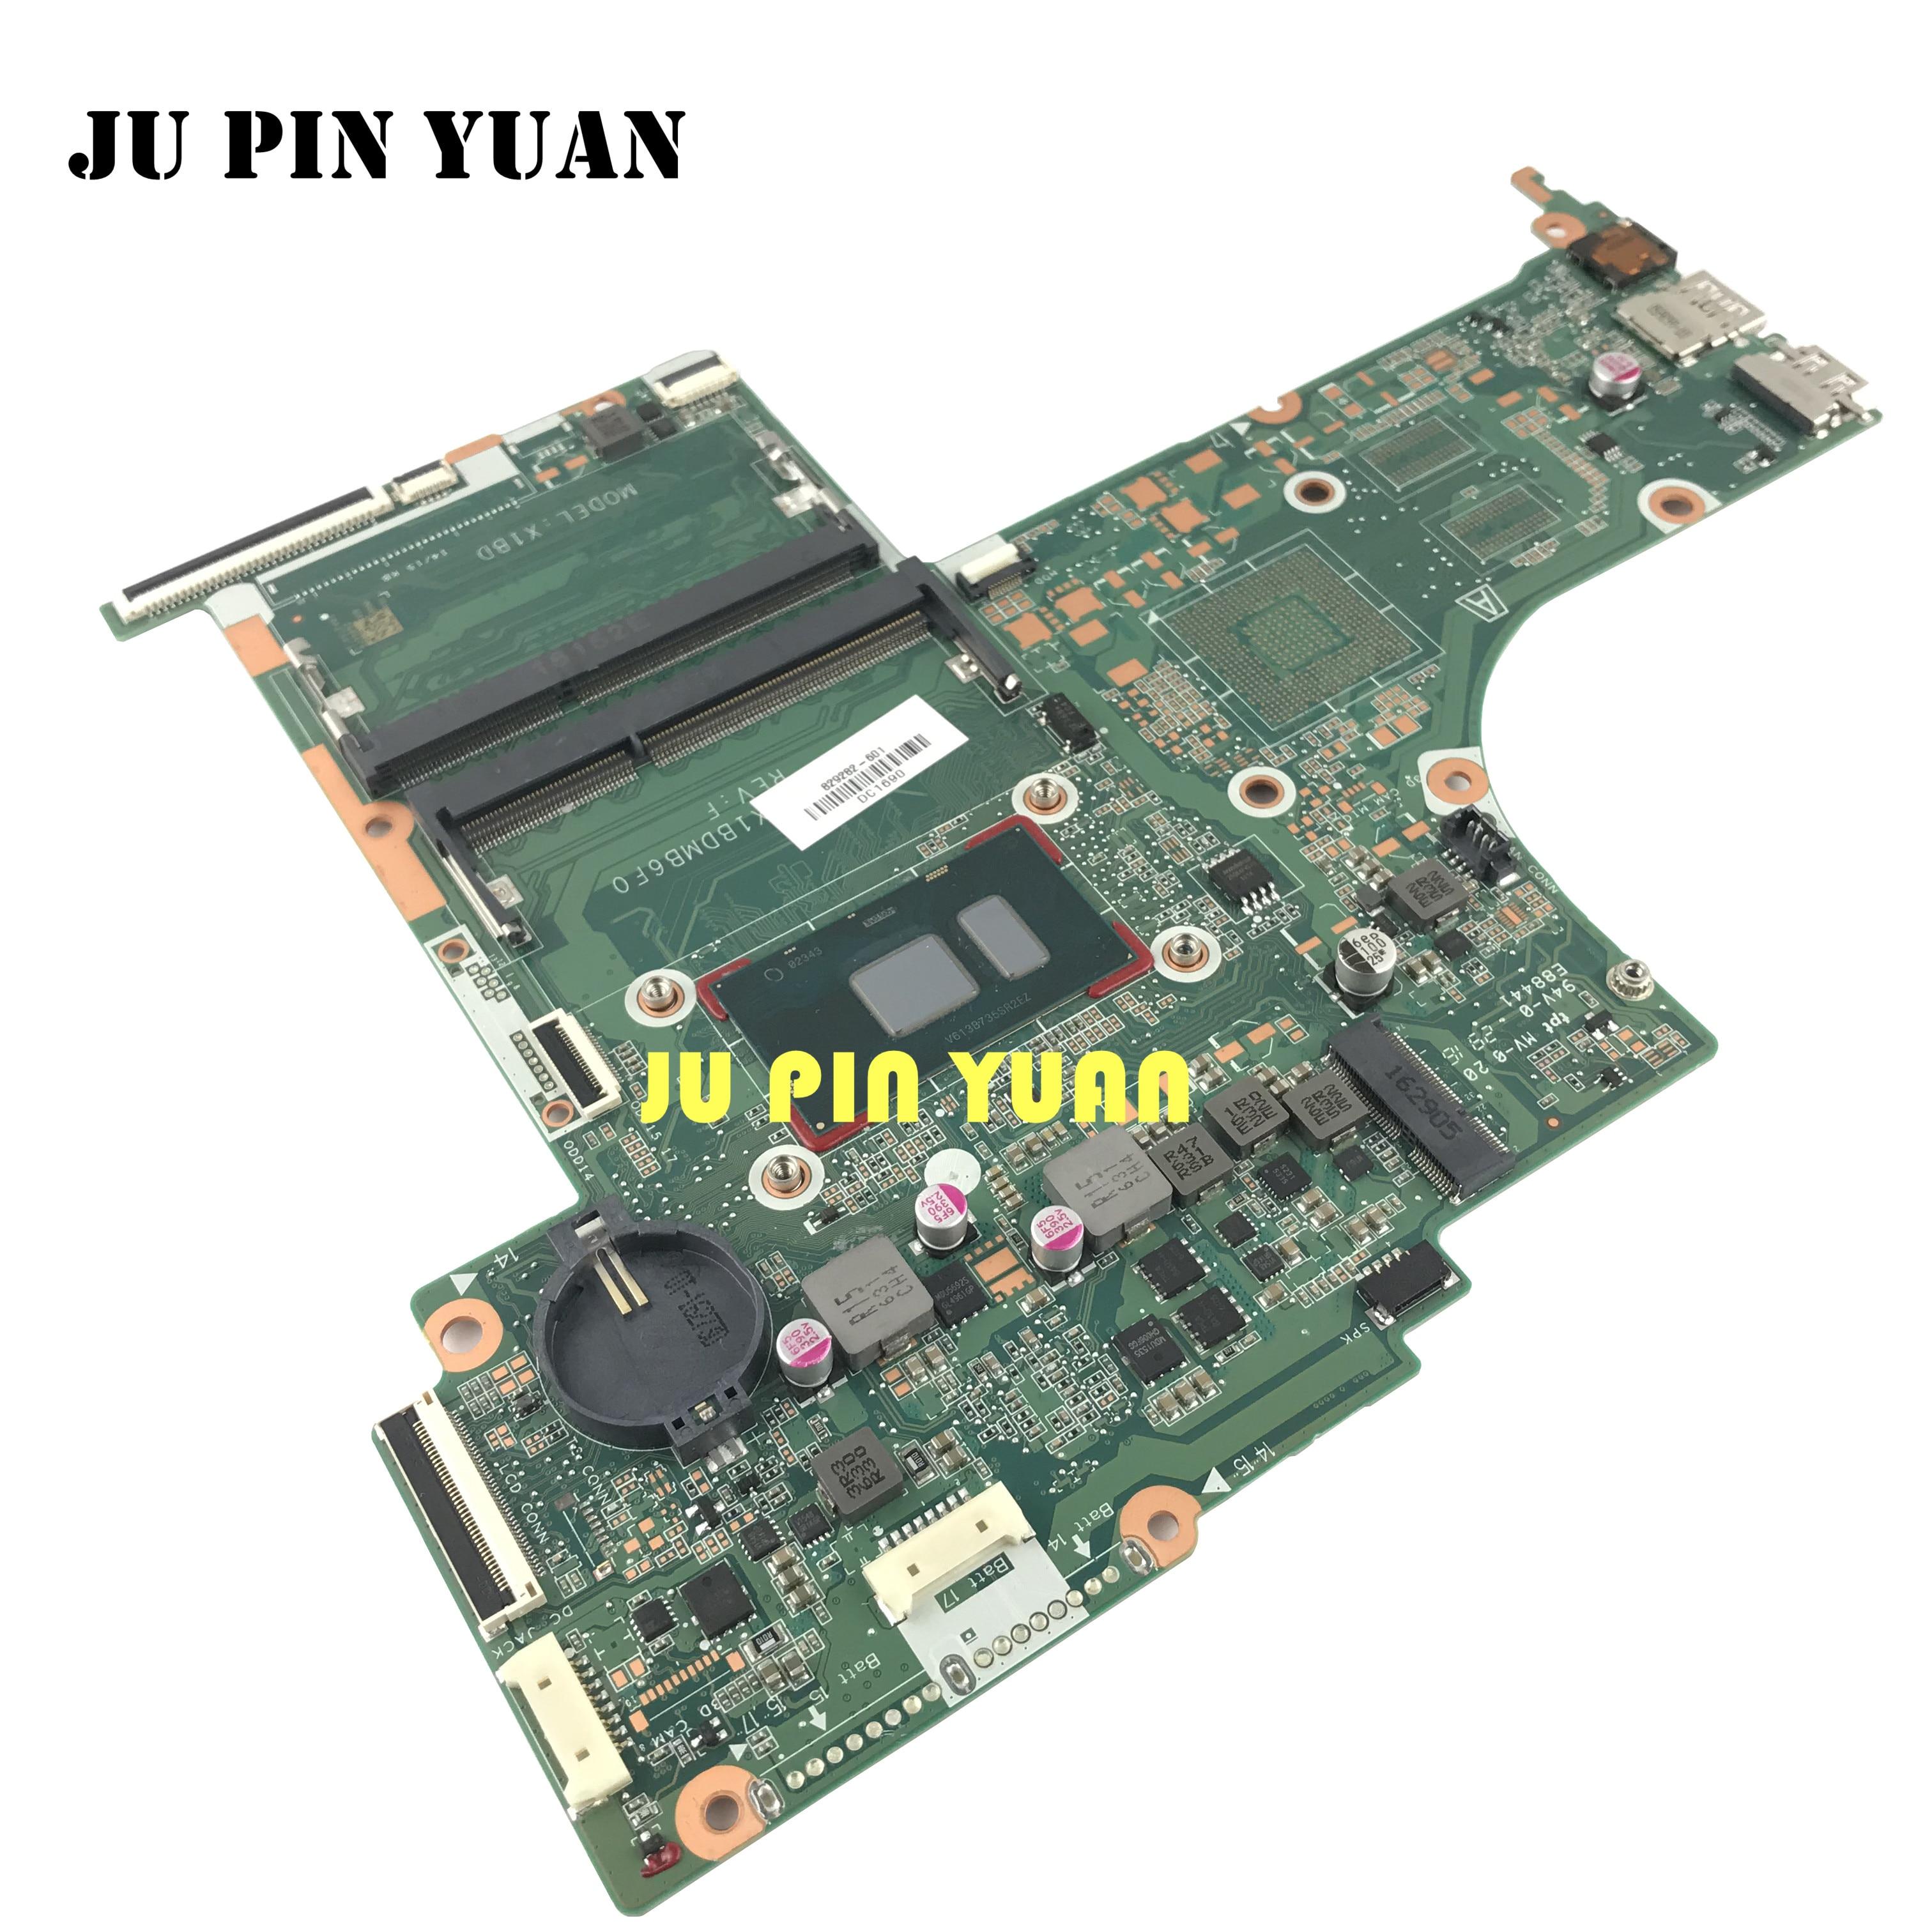 ل HP جناح 17-G 17T-G 17-G167CL اللوحة المحمول 829282-601 829282-501 829282-001 DAX1BDMB6F0 مع i7-6500u اختبار بالكامل